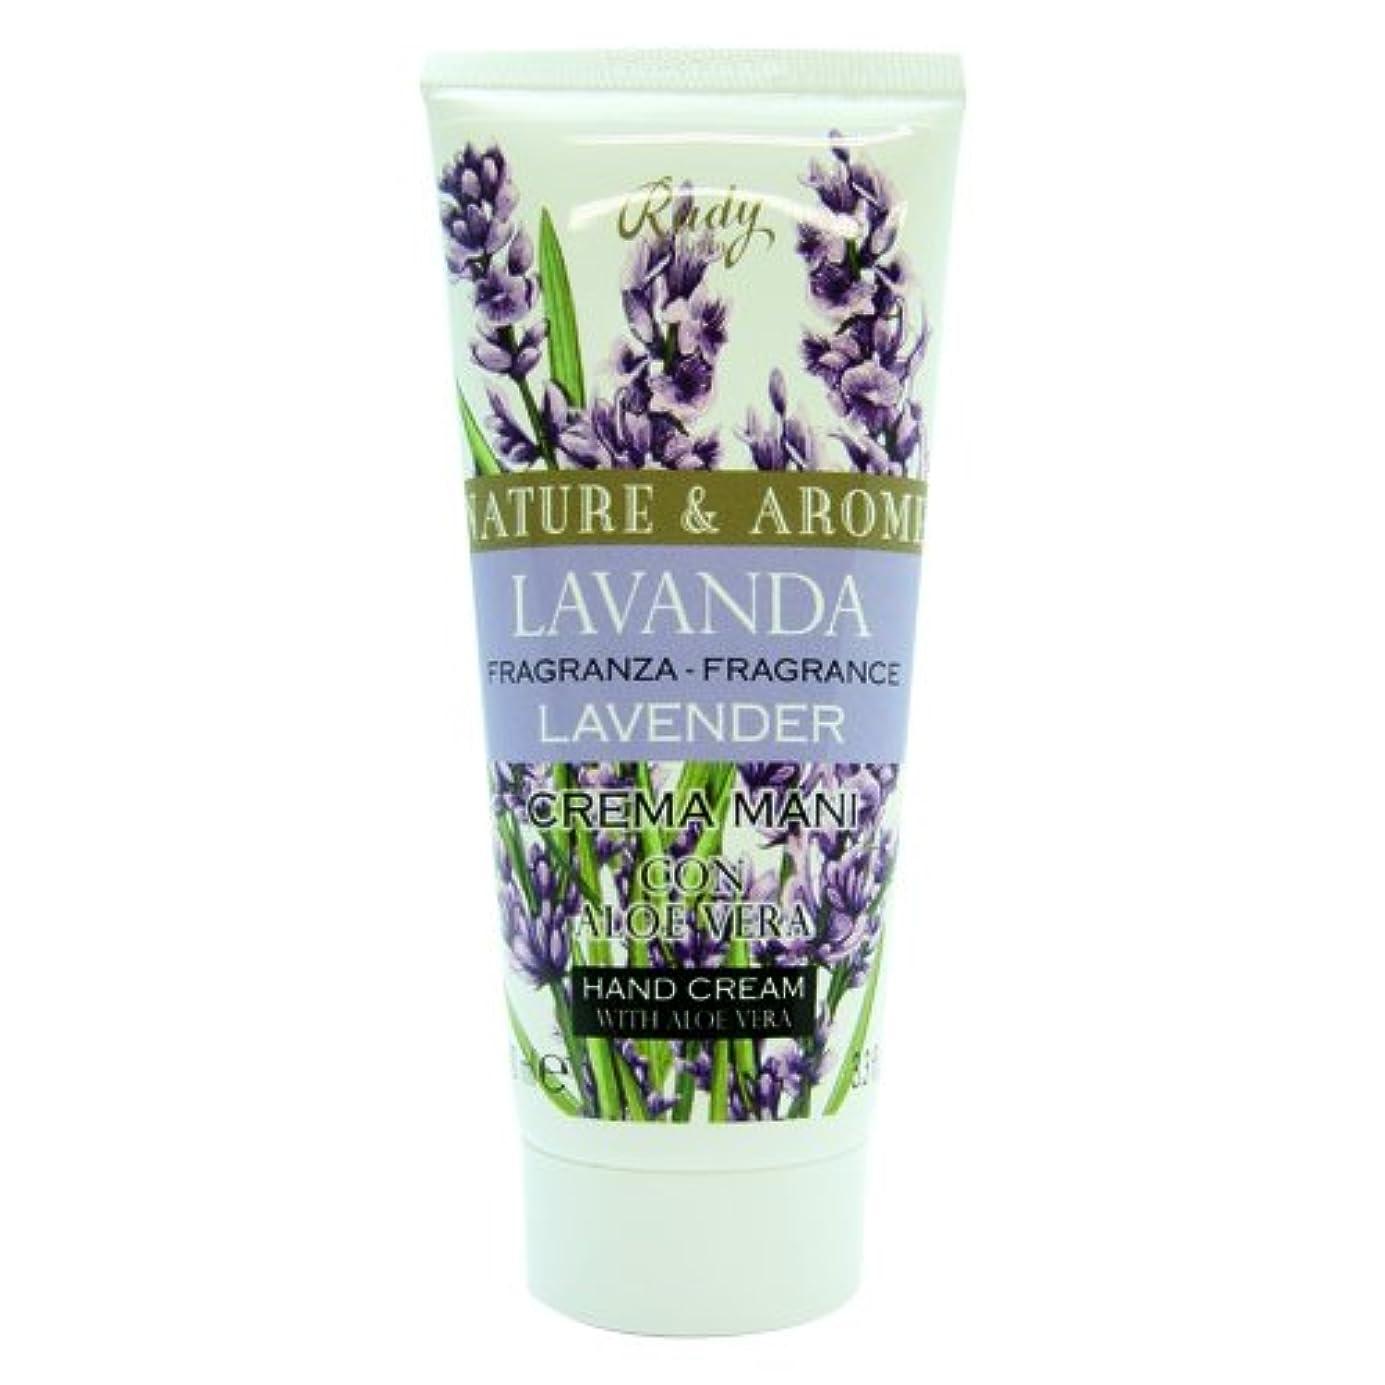 に対処するパースブラックボロウ病気だと思うRUDY Nature&Arome SERIES ルディ ナチュール&アロマ Hand Cream ハンドクリーム  Lavender ラベンダー